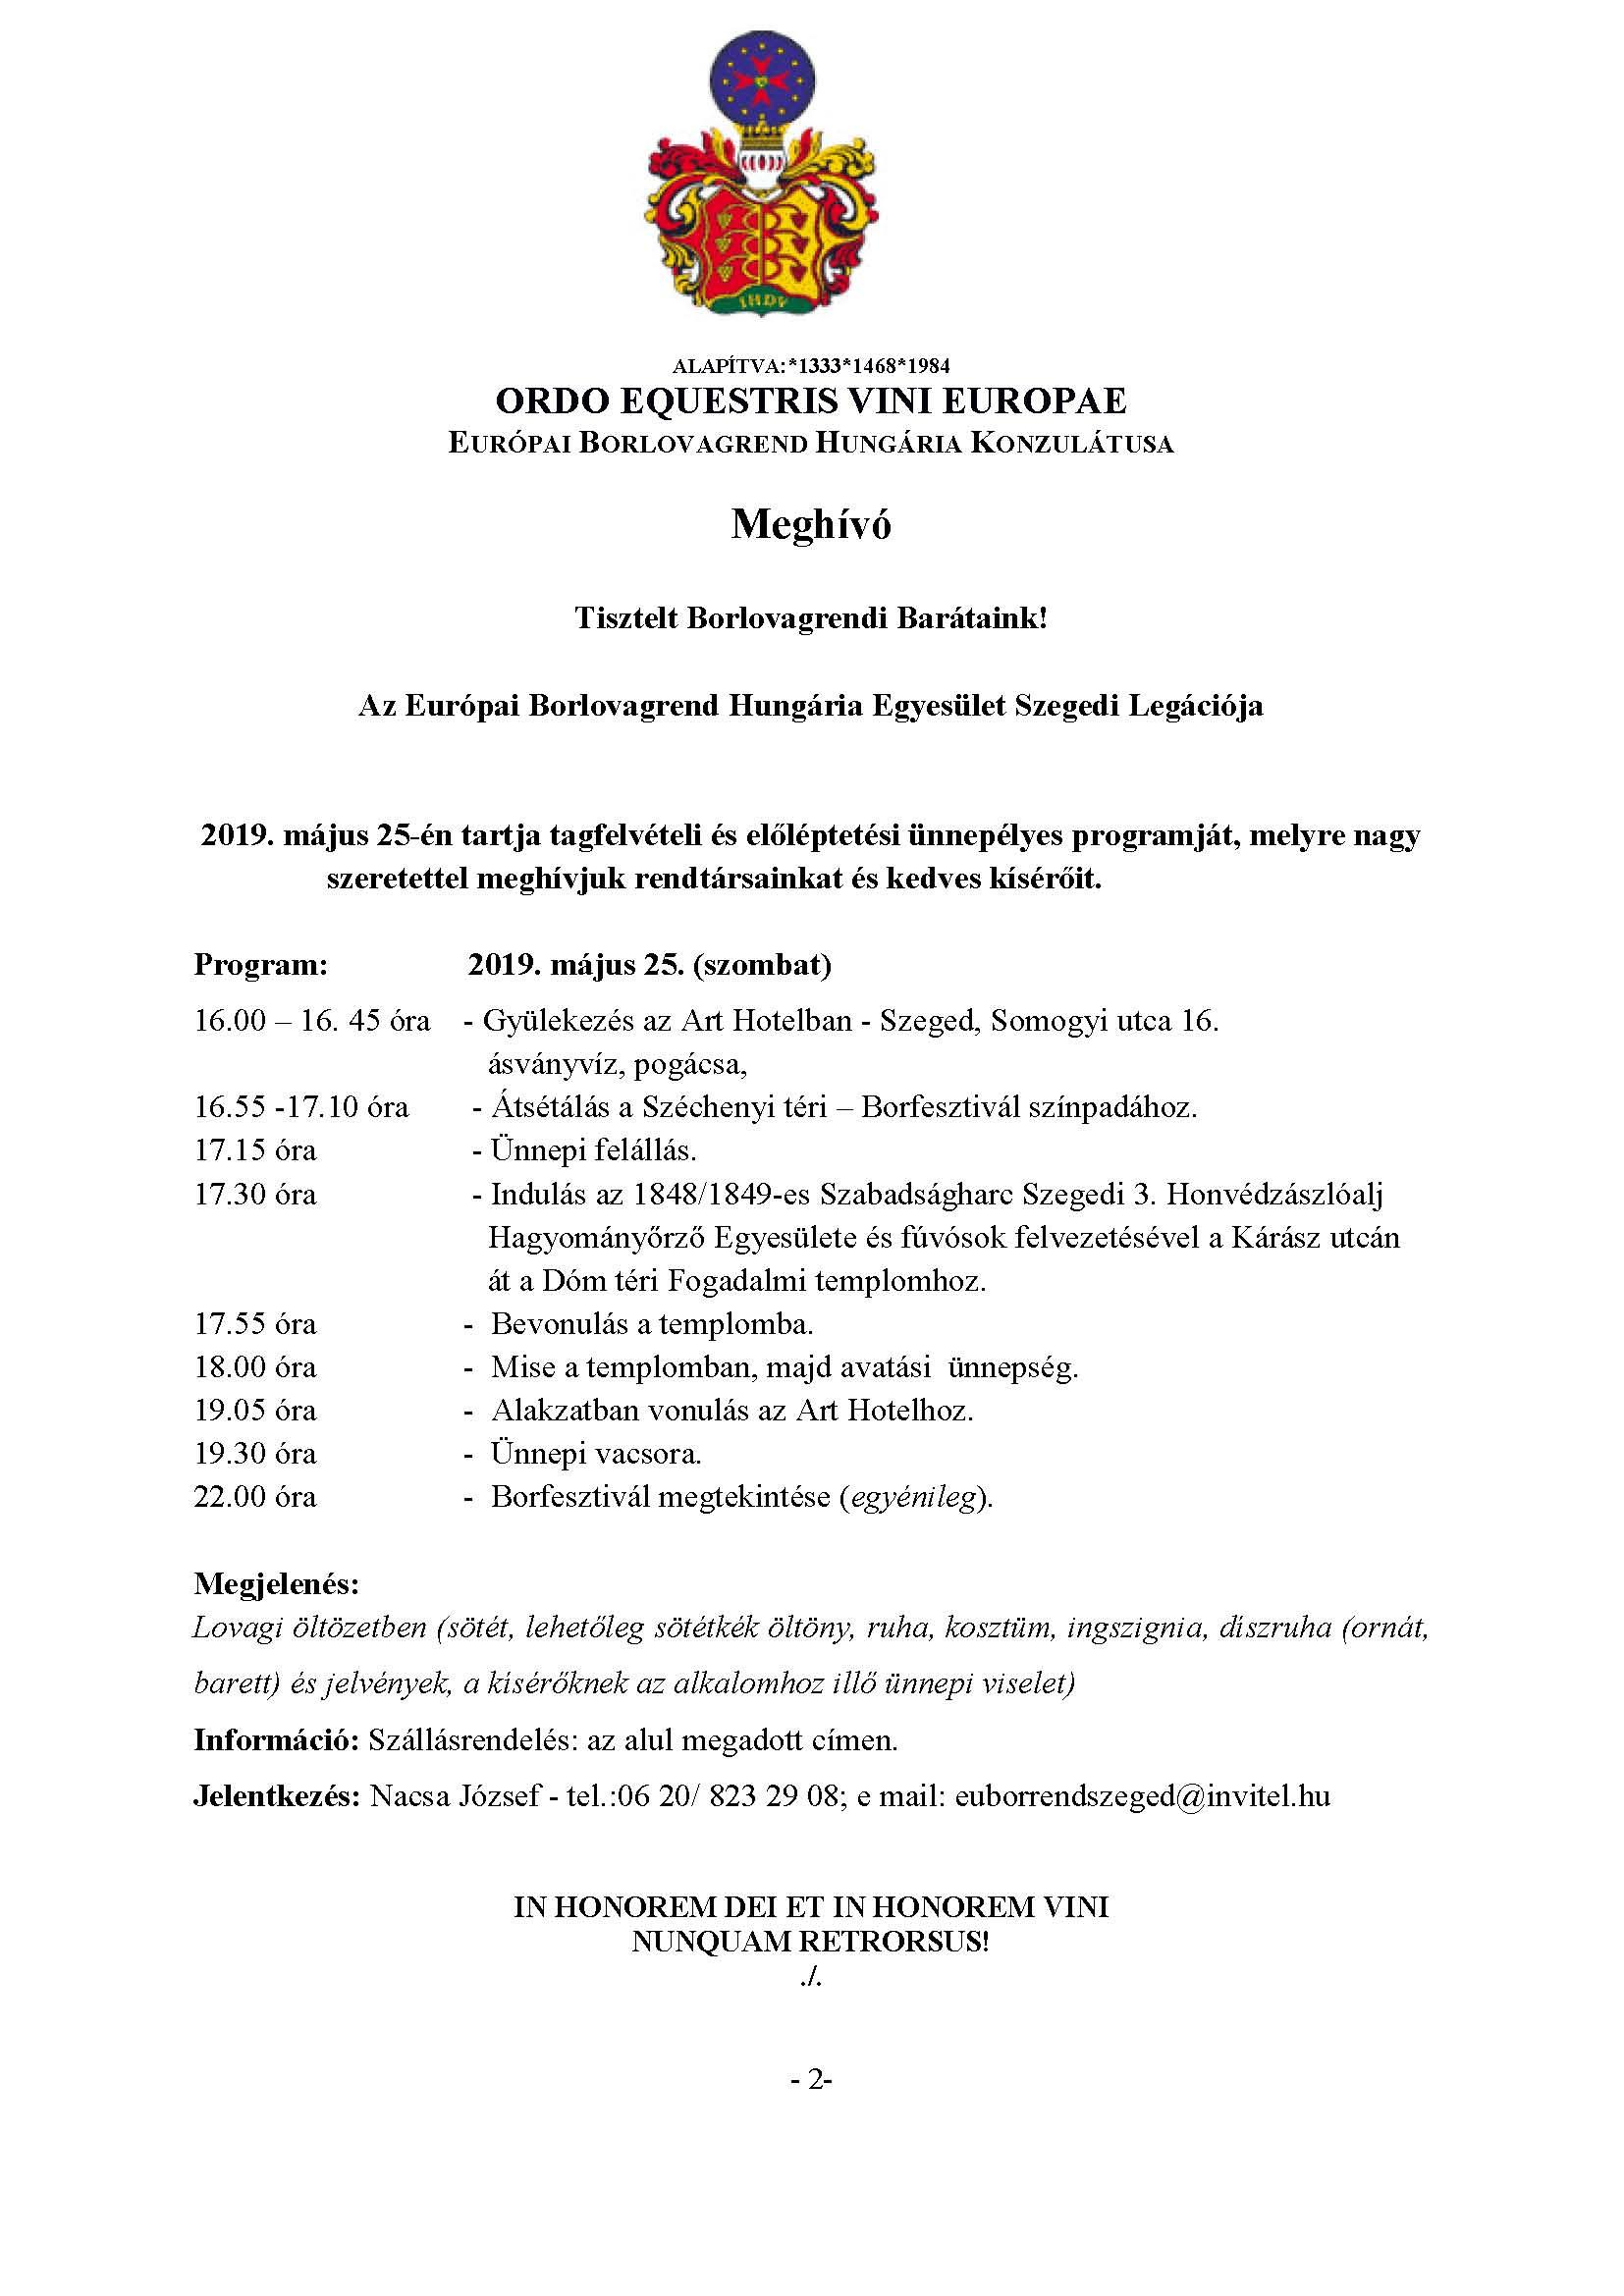 Meghívó Szegedre, 2019. május 25.